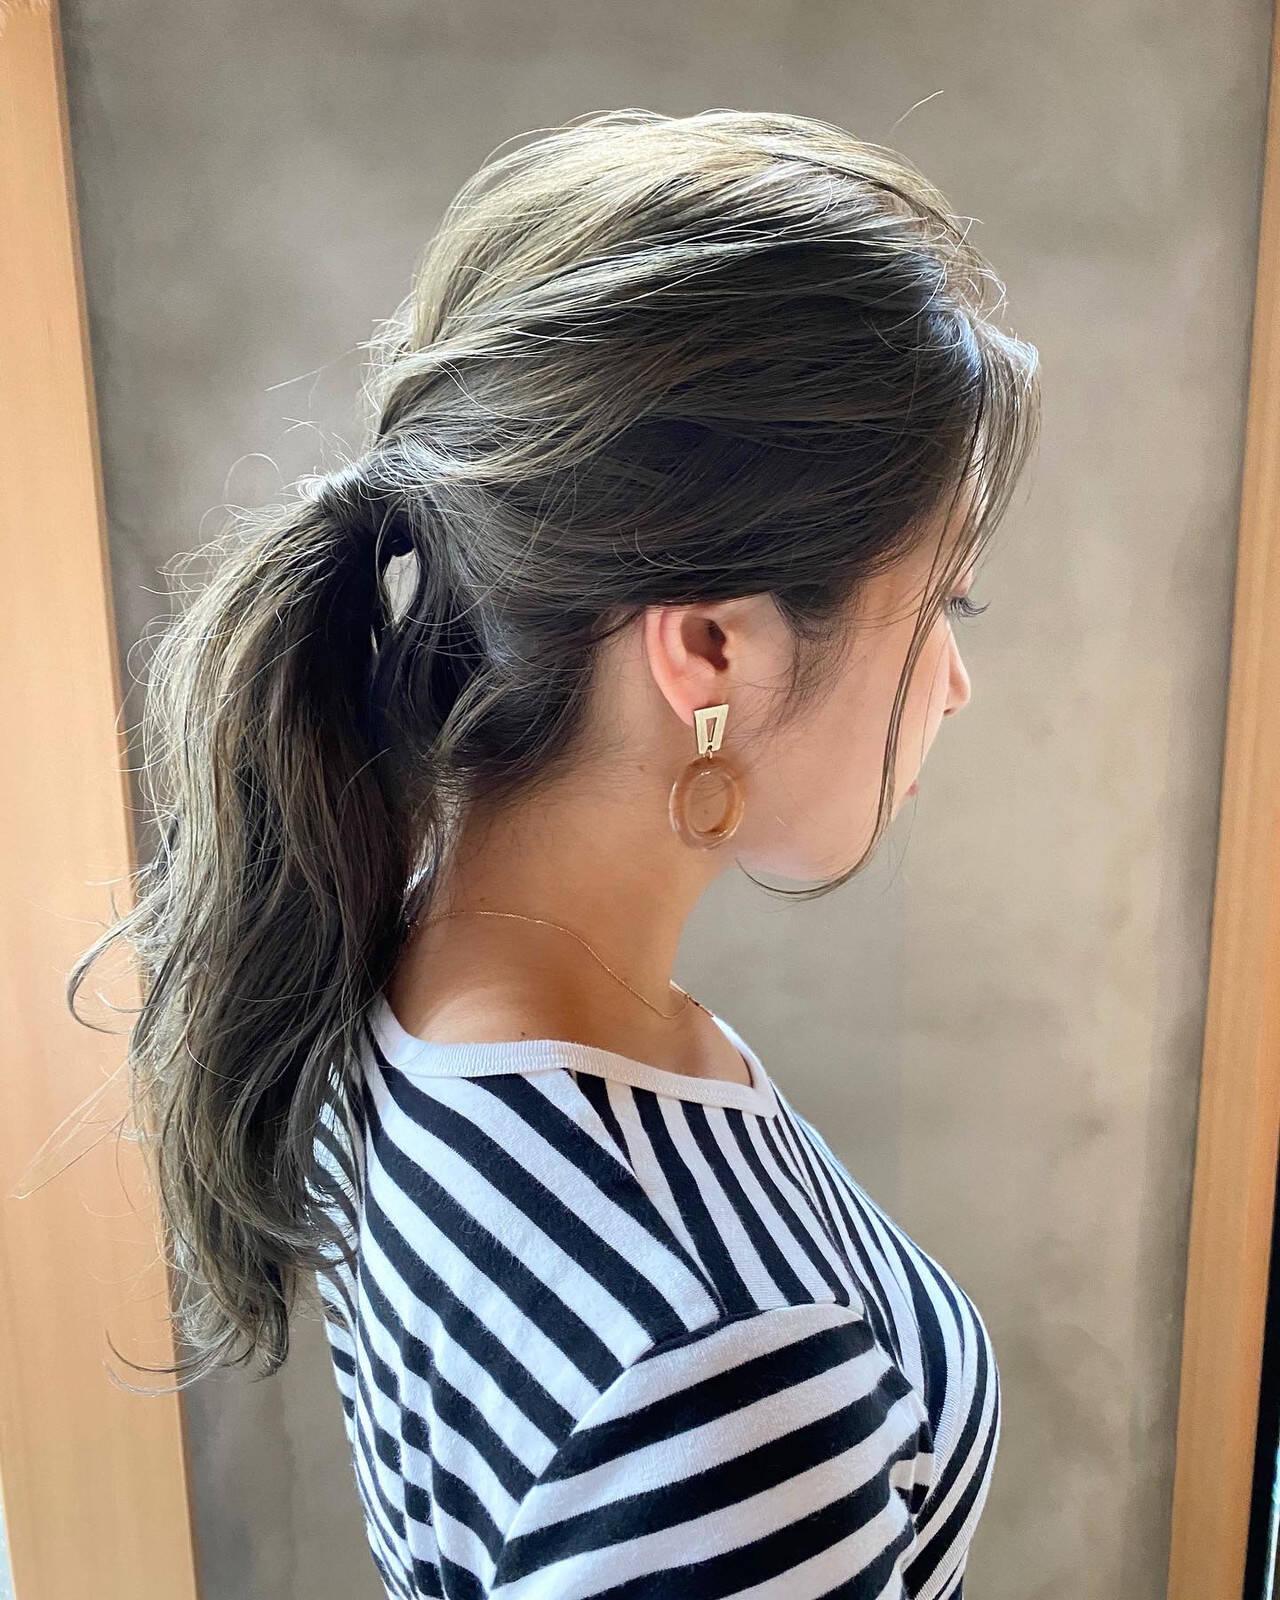 ナチュラル くすみベージュ 透明感カラー ヘアアレンジヘアスタイルや髪型の写真・画像